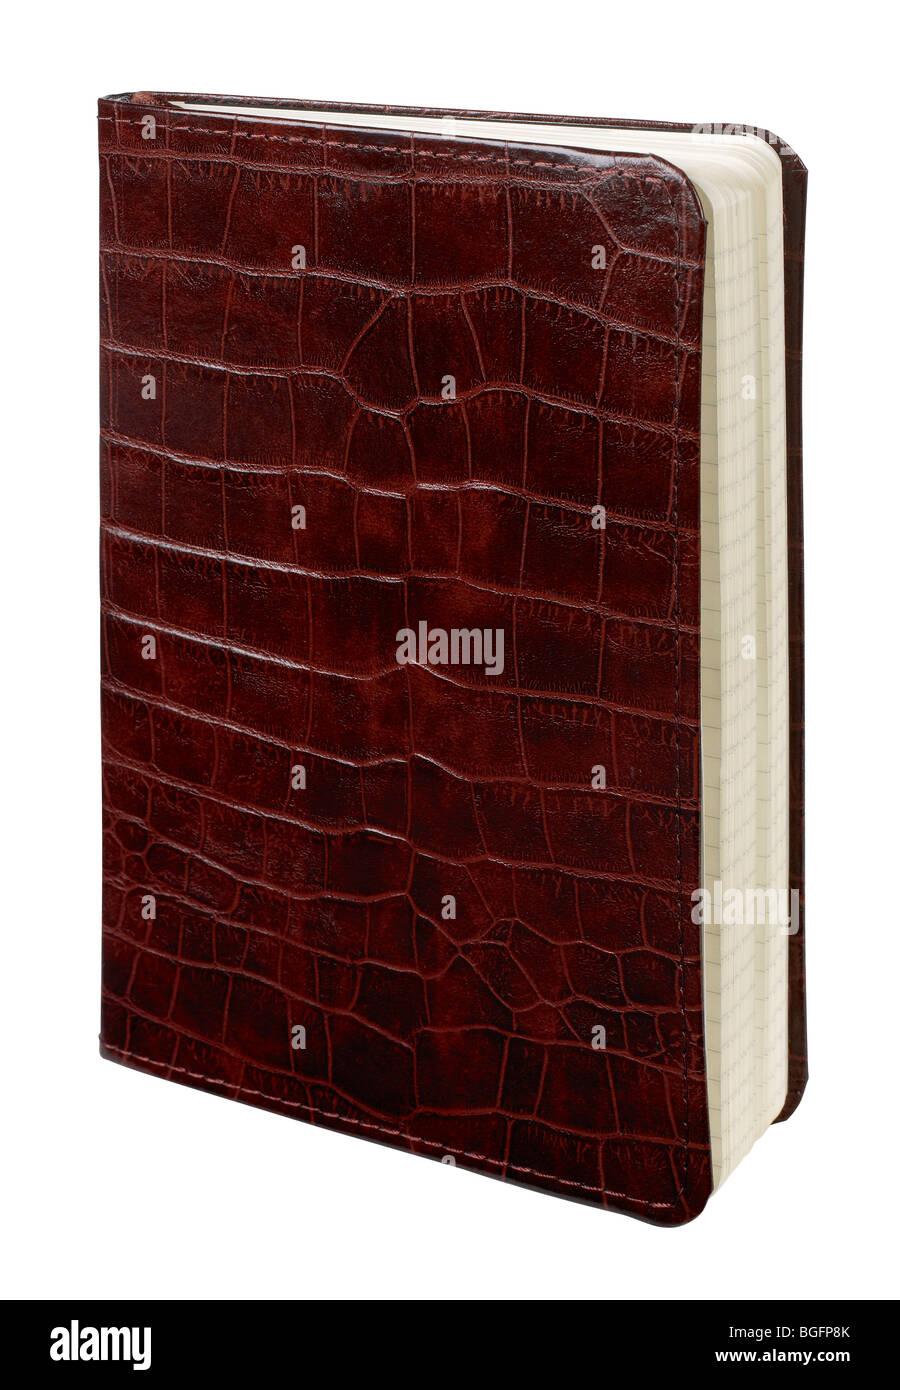 Enlazado de cuero marrón con textura de cocodrilo libro diario libro diario Imagen De Stock